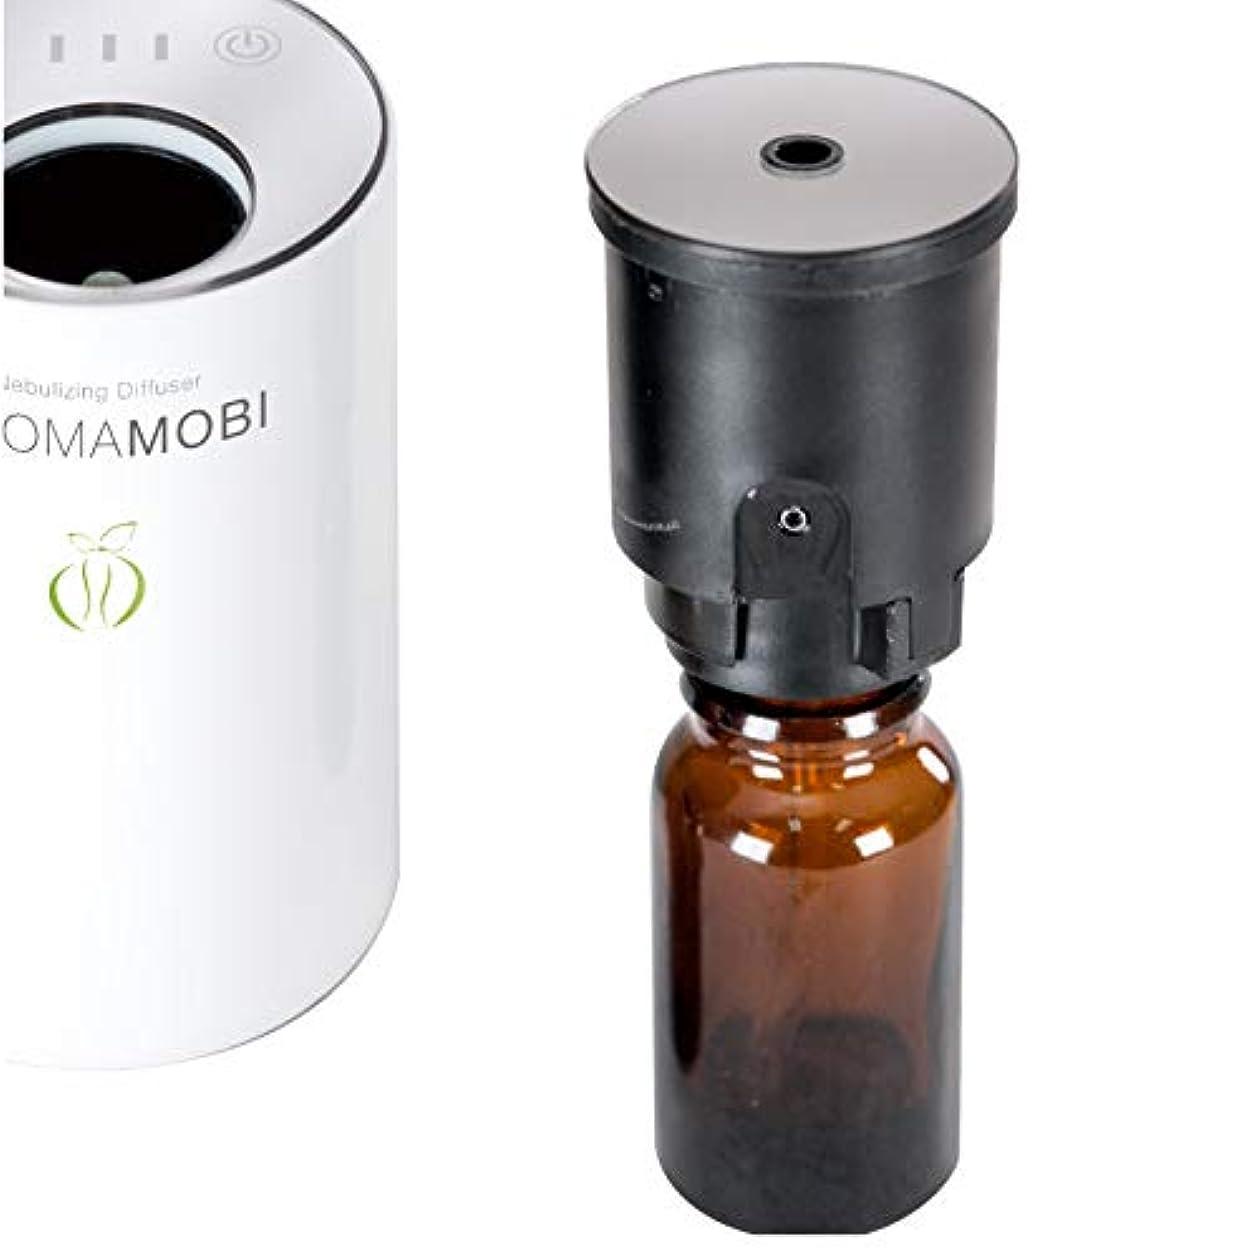 リスキーな二年生収束するfunks アロマモビ 専用 交換用 ノズル ボトルセット aromamobi アロマディフューザー